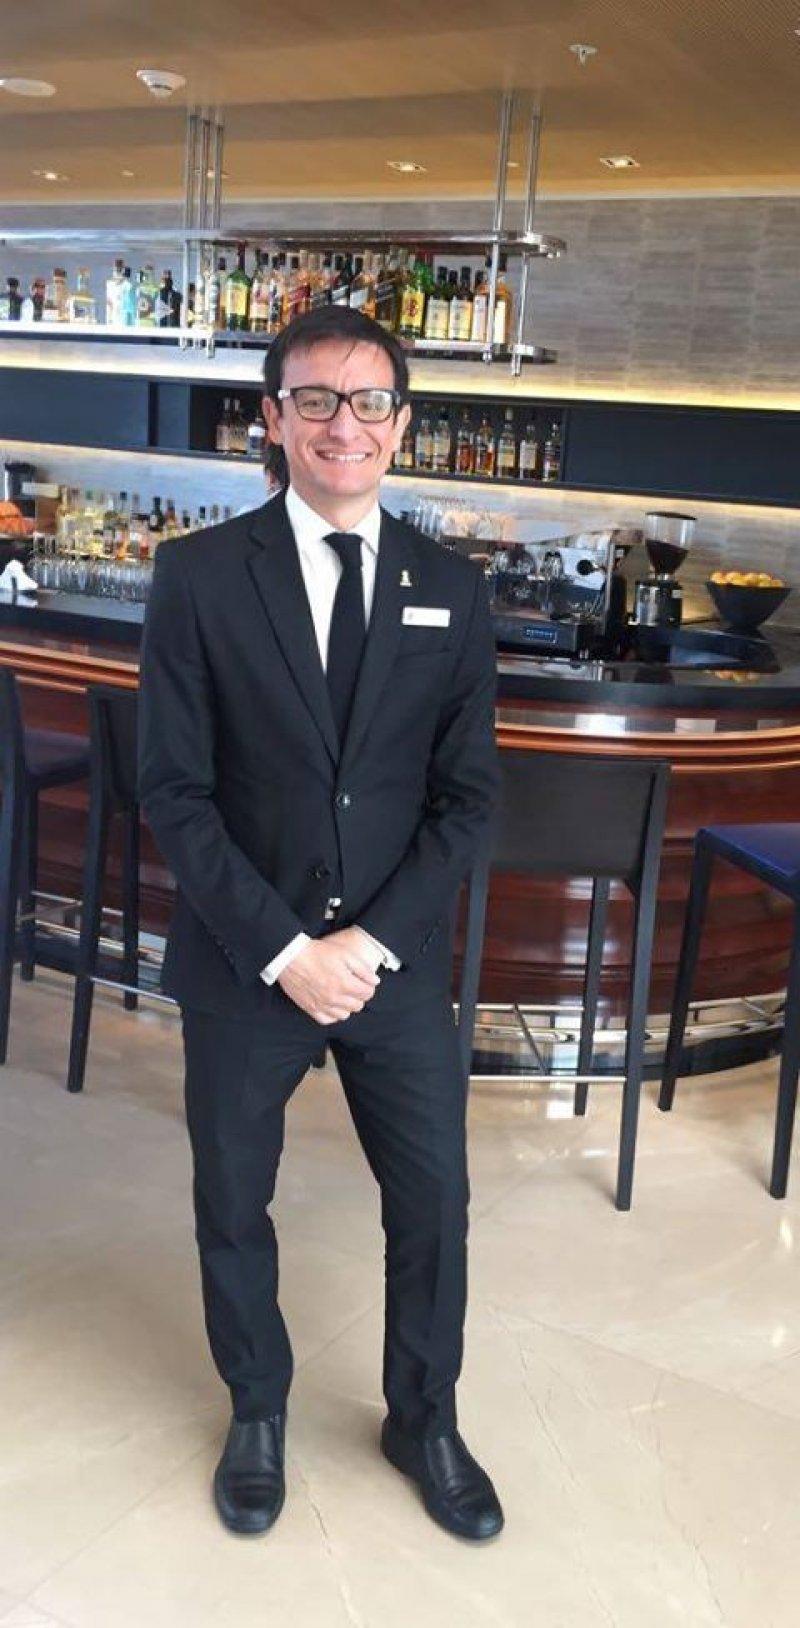 Connaissez-vous Josh Mozo élève de MBA à Vatel Tel Aviv?